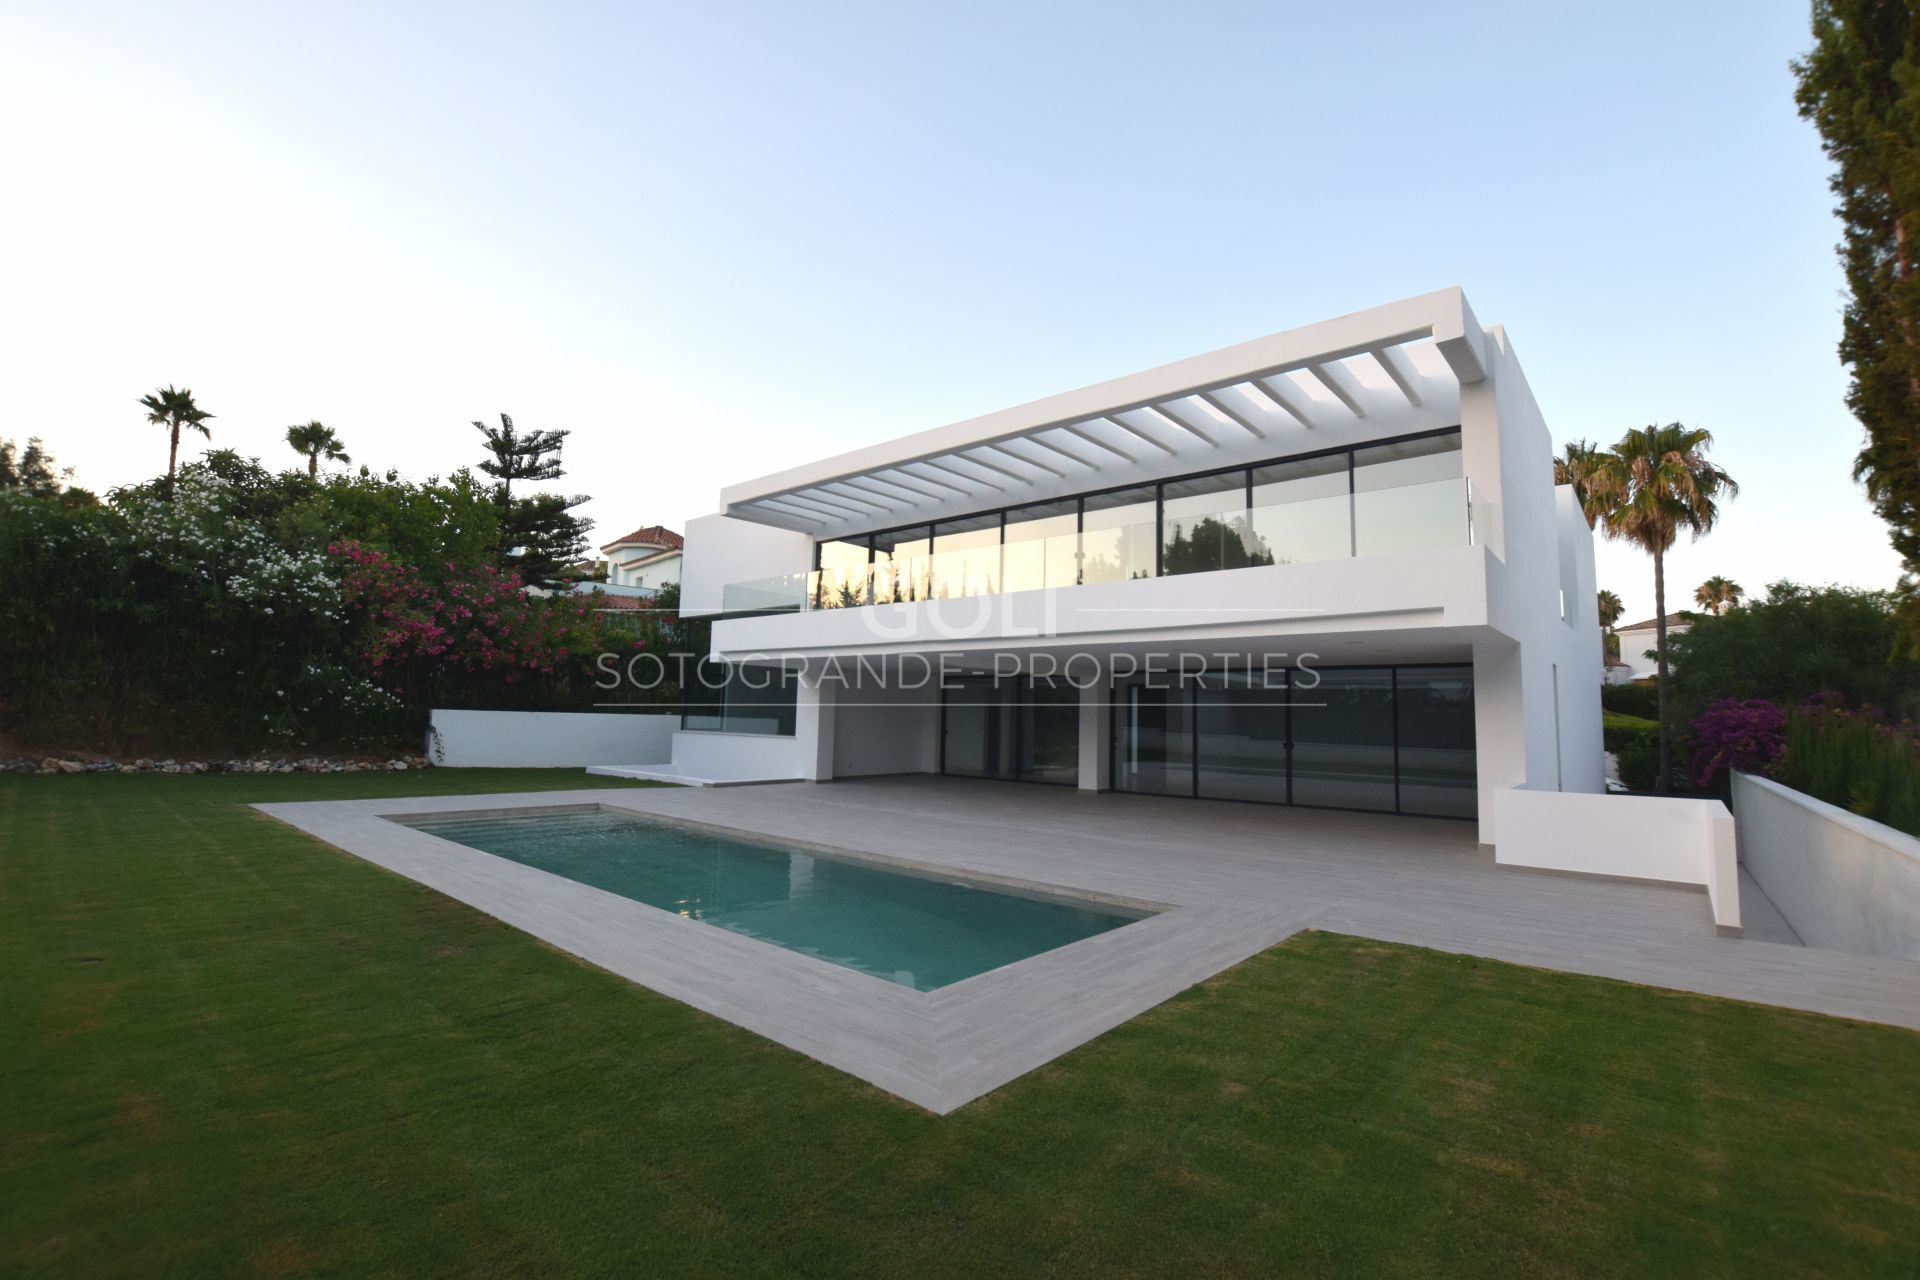 Brand new contemporary villa in Upper Sotogrande